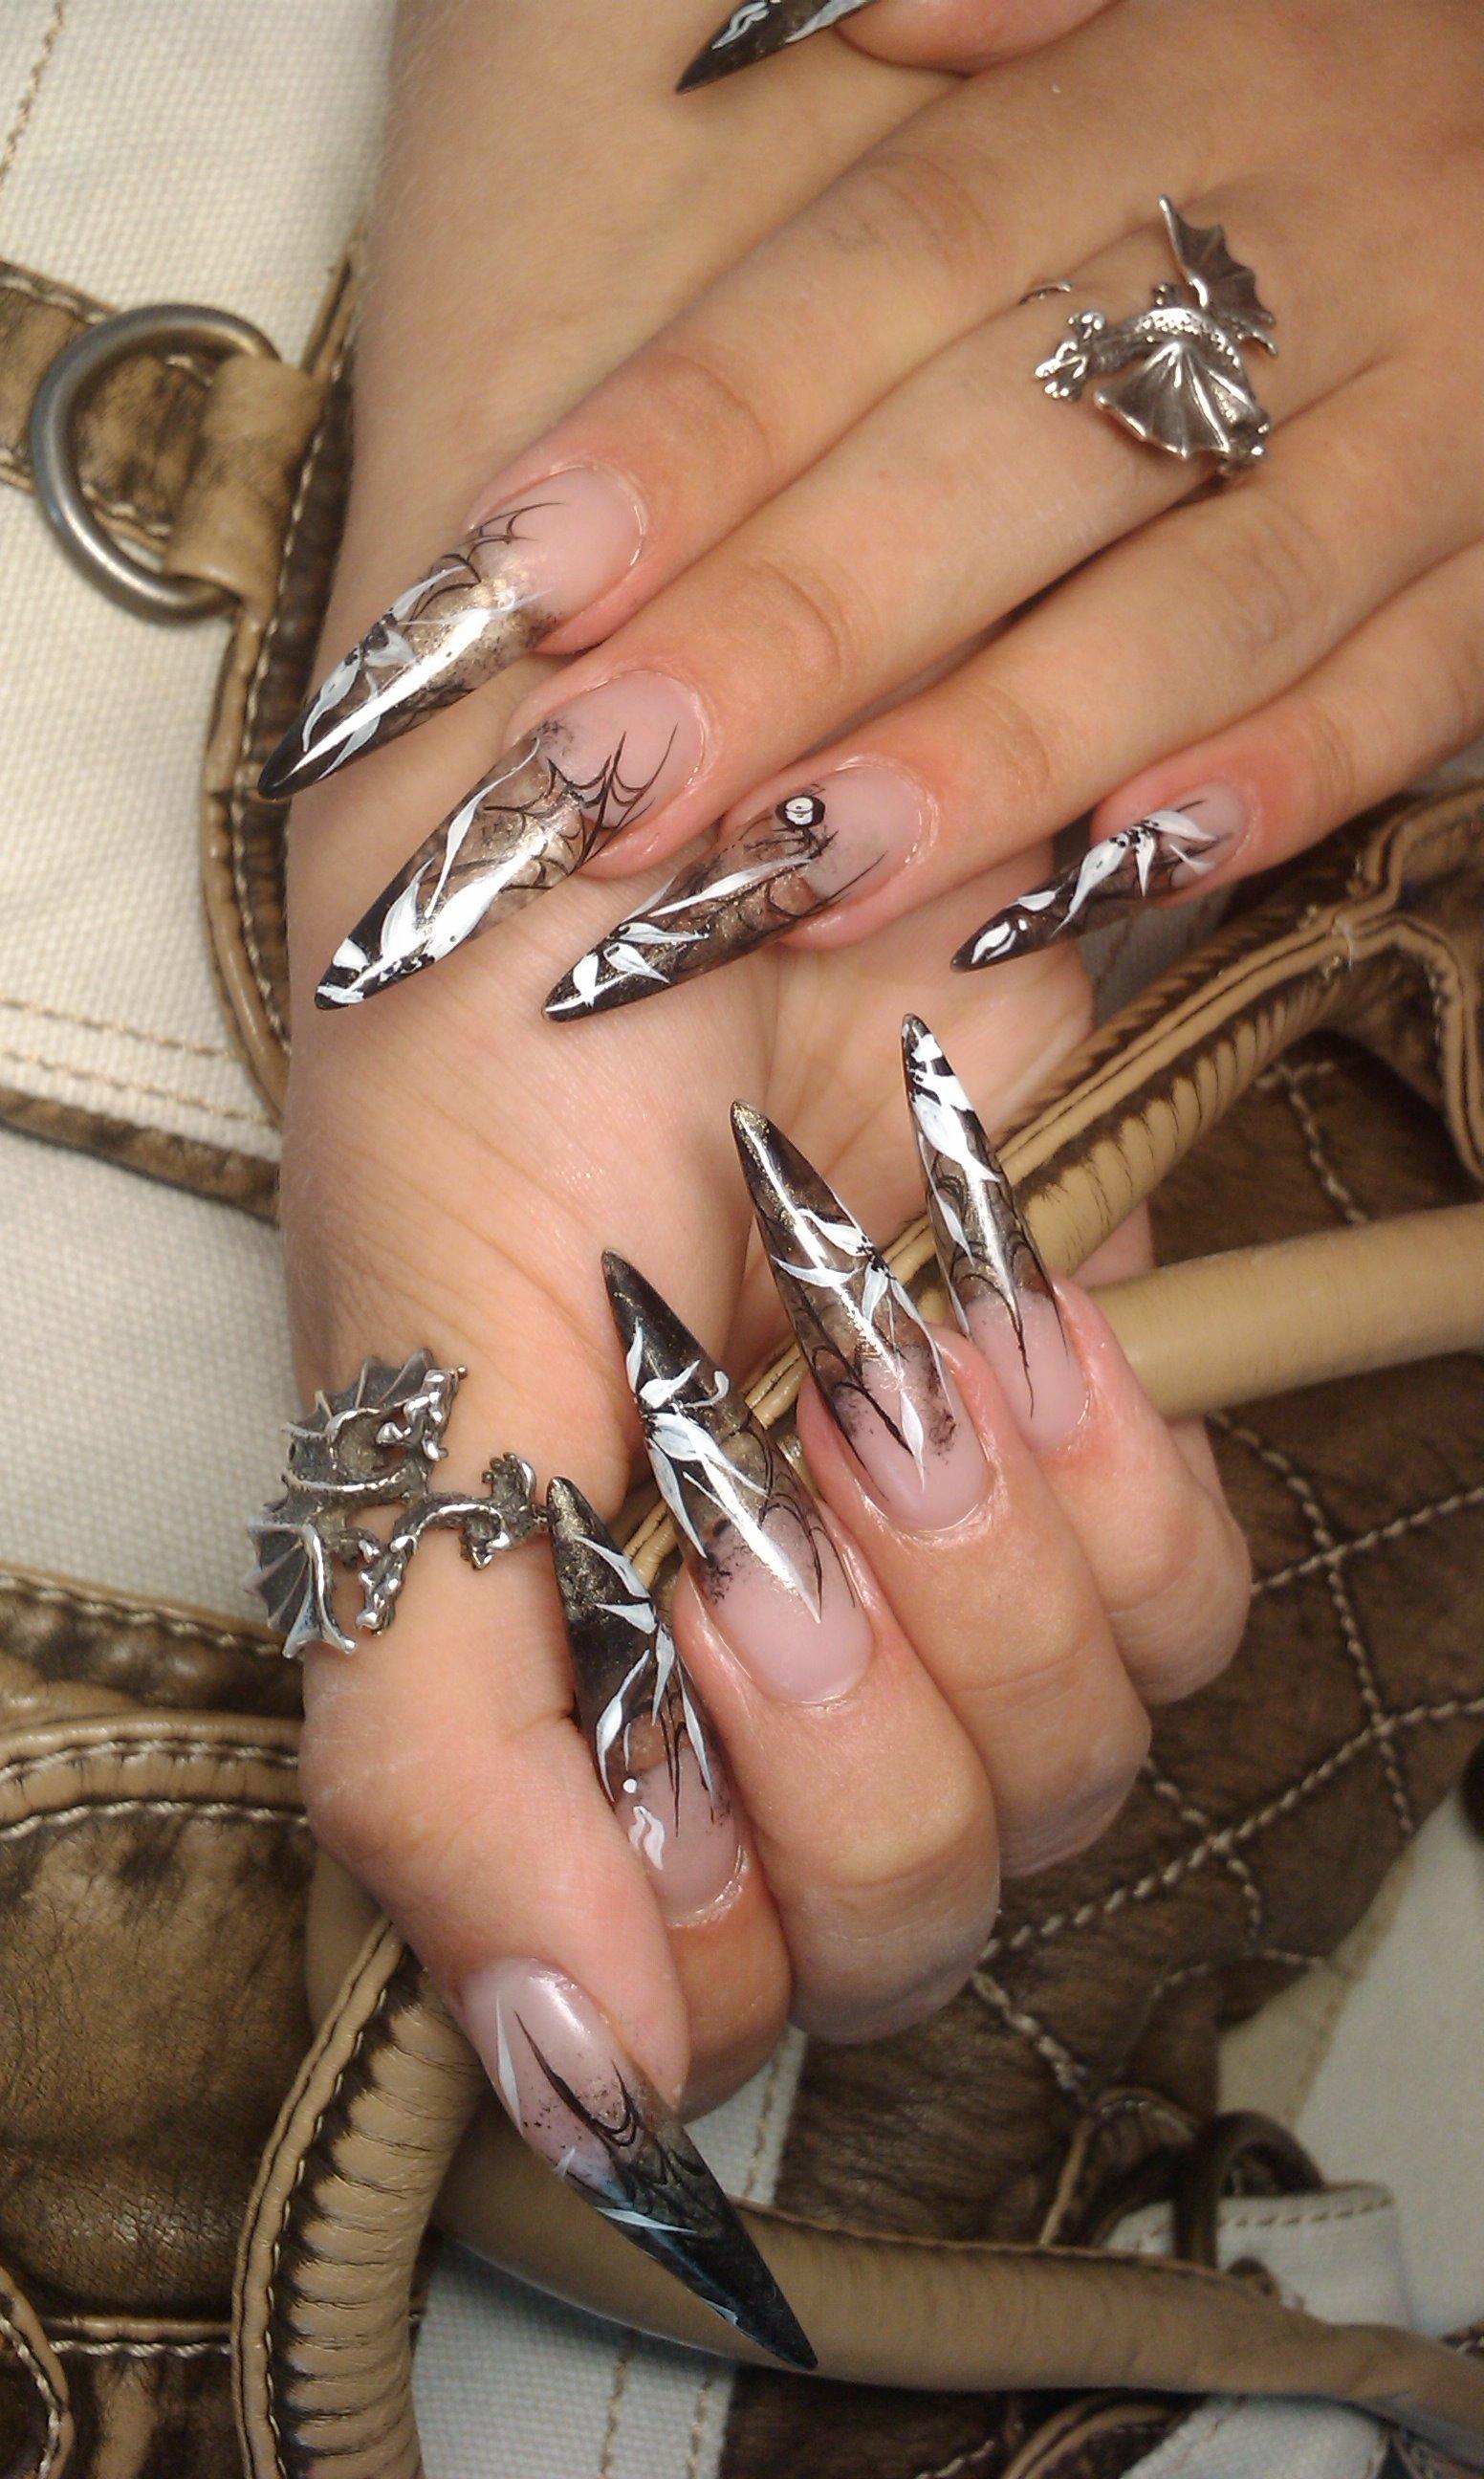 Фото острых ногтей в контакте